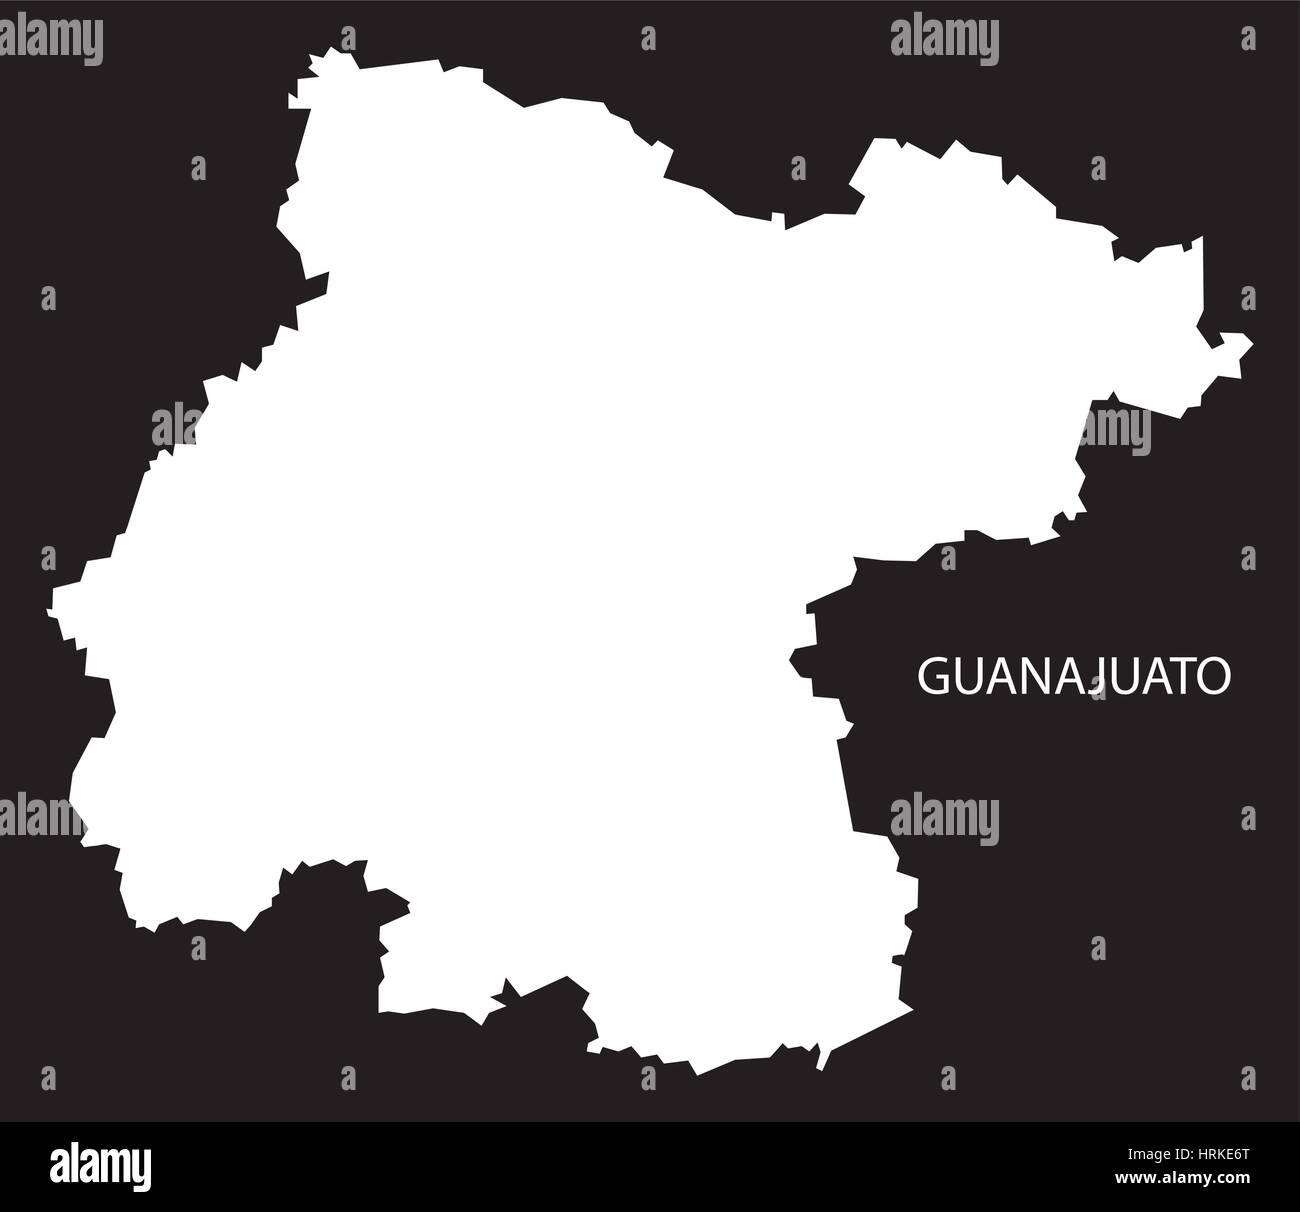 Mexico Map Guanajuato.Guanajuato Mexico Map Black Inverted Silhouette Stock Vector Art